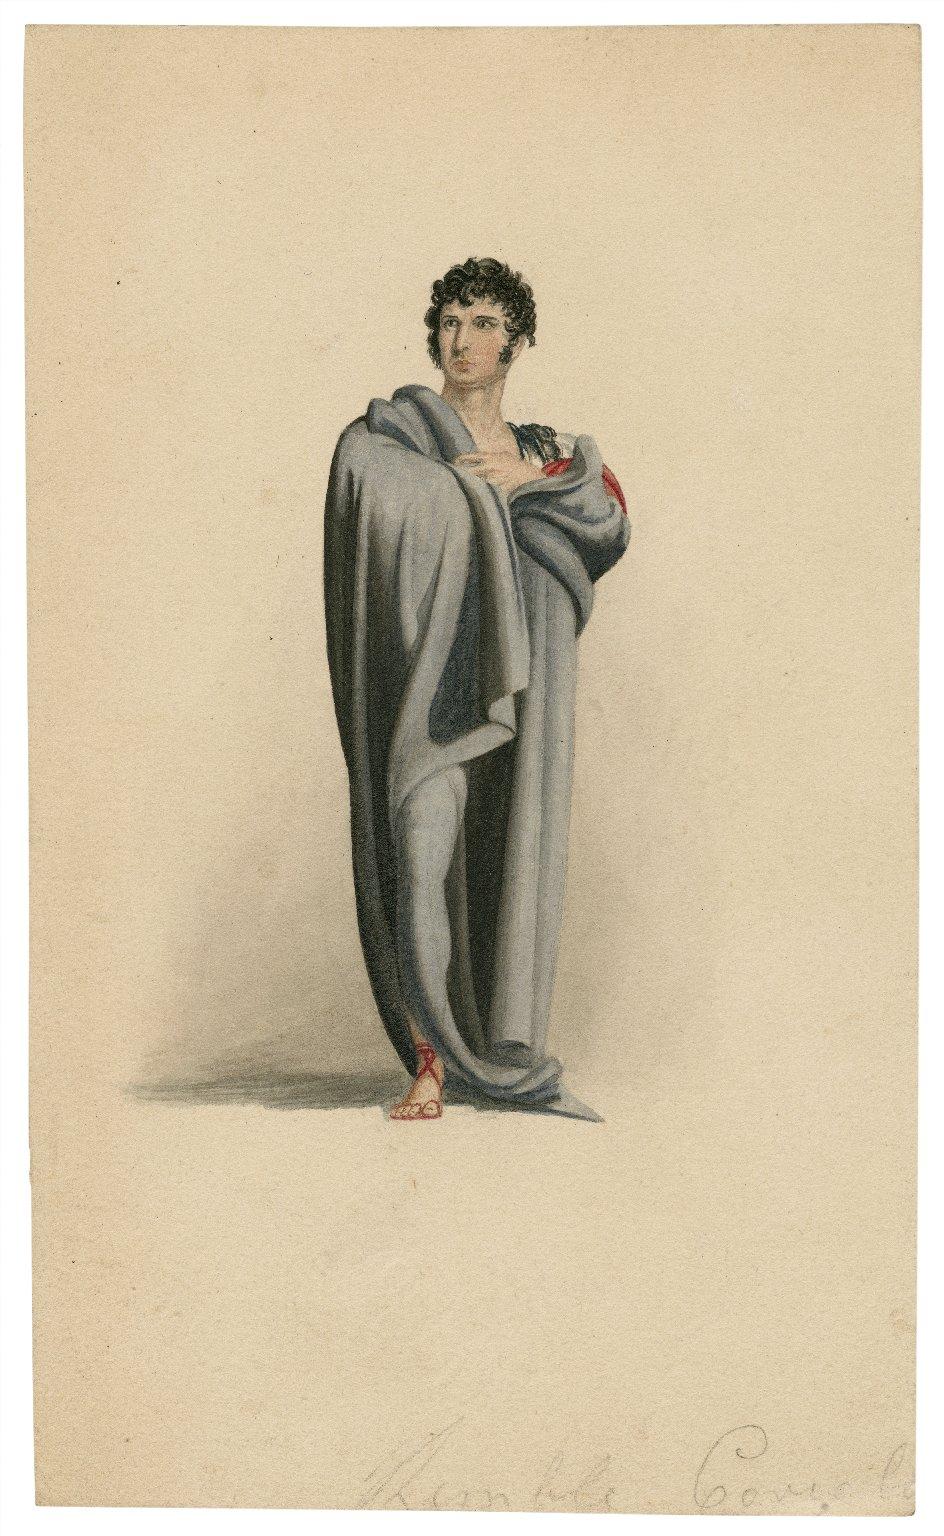 Kemble [as] Coriolanus [in Shakespeare's Coriolanus] [graphic].